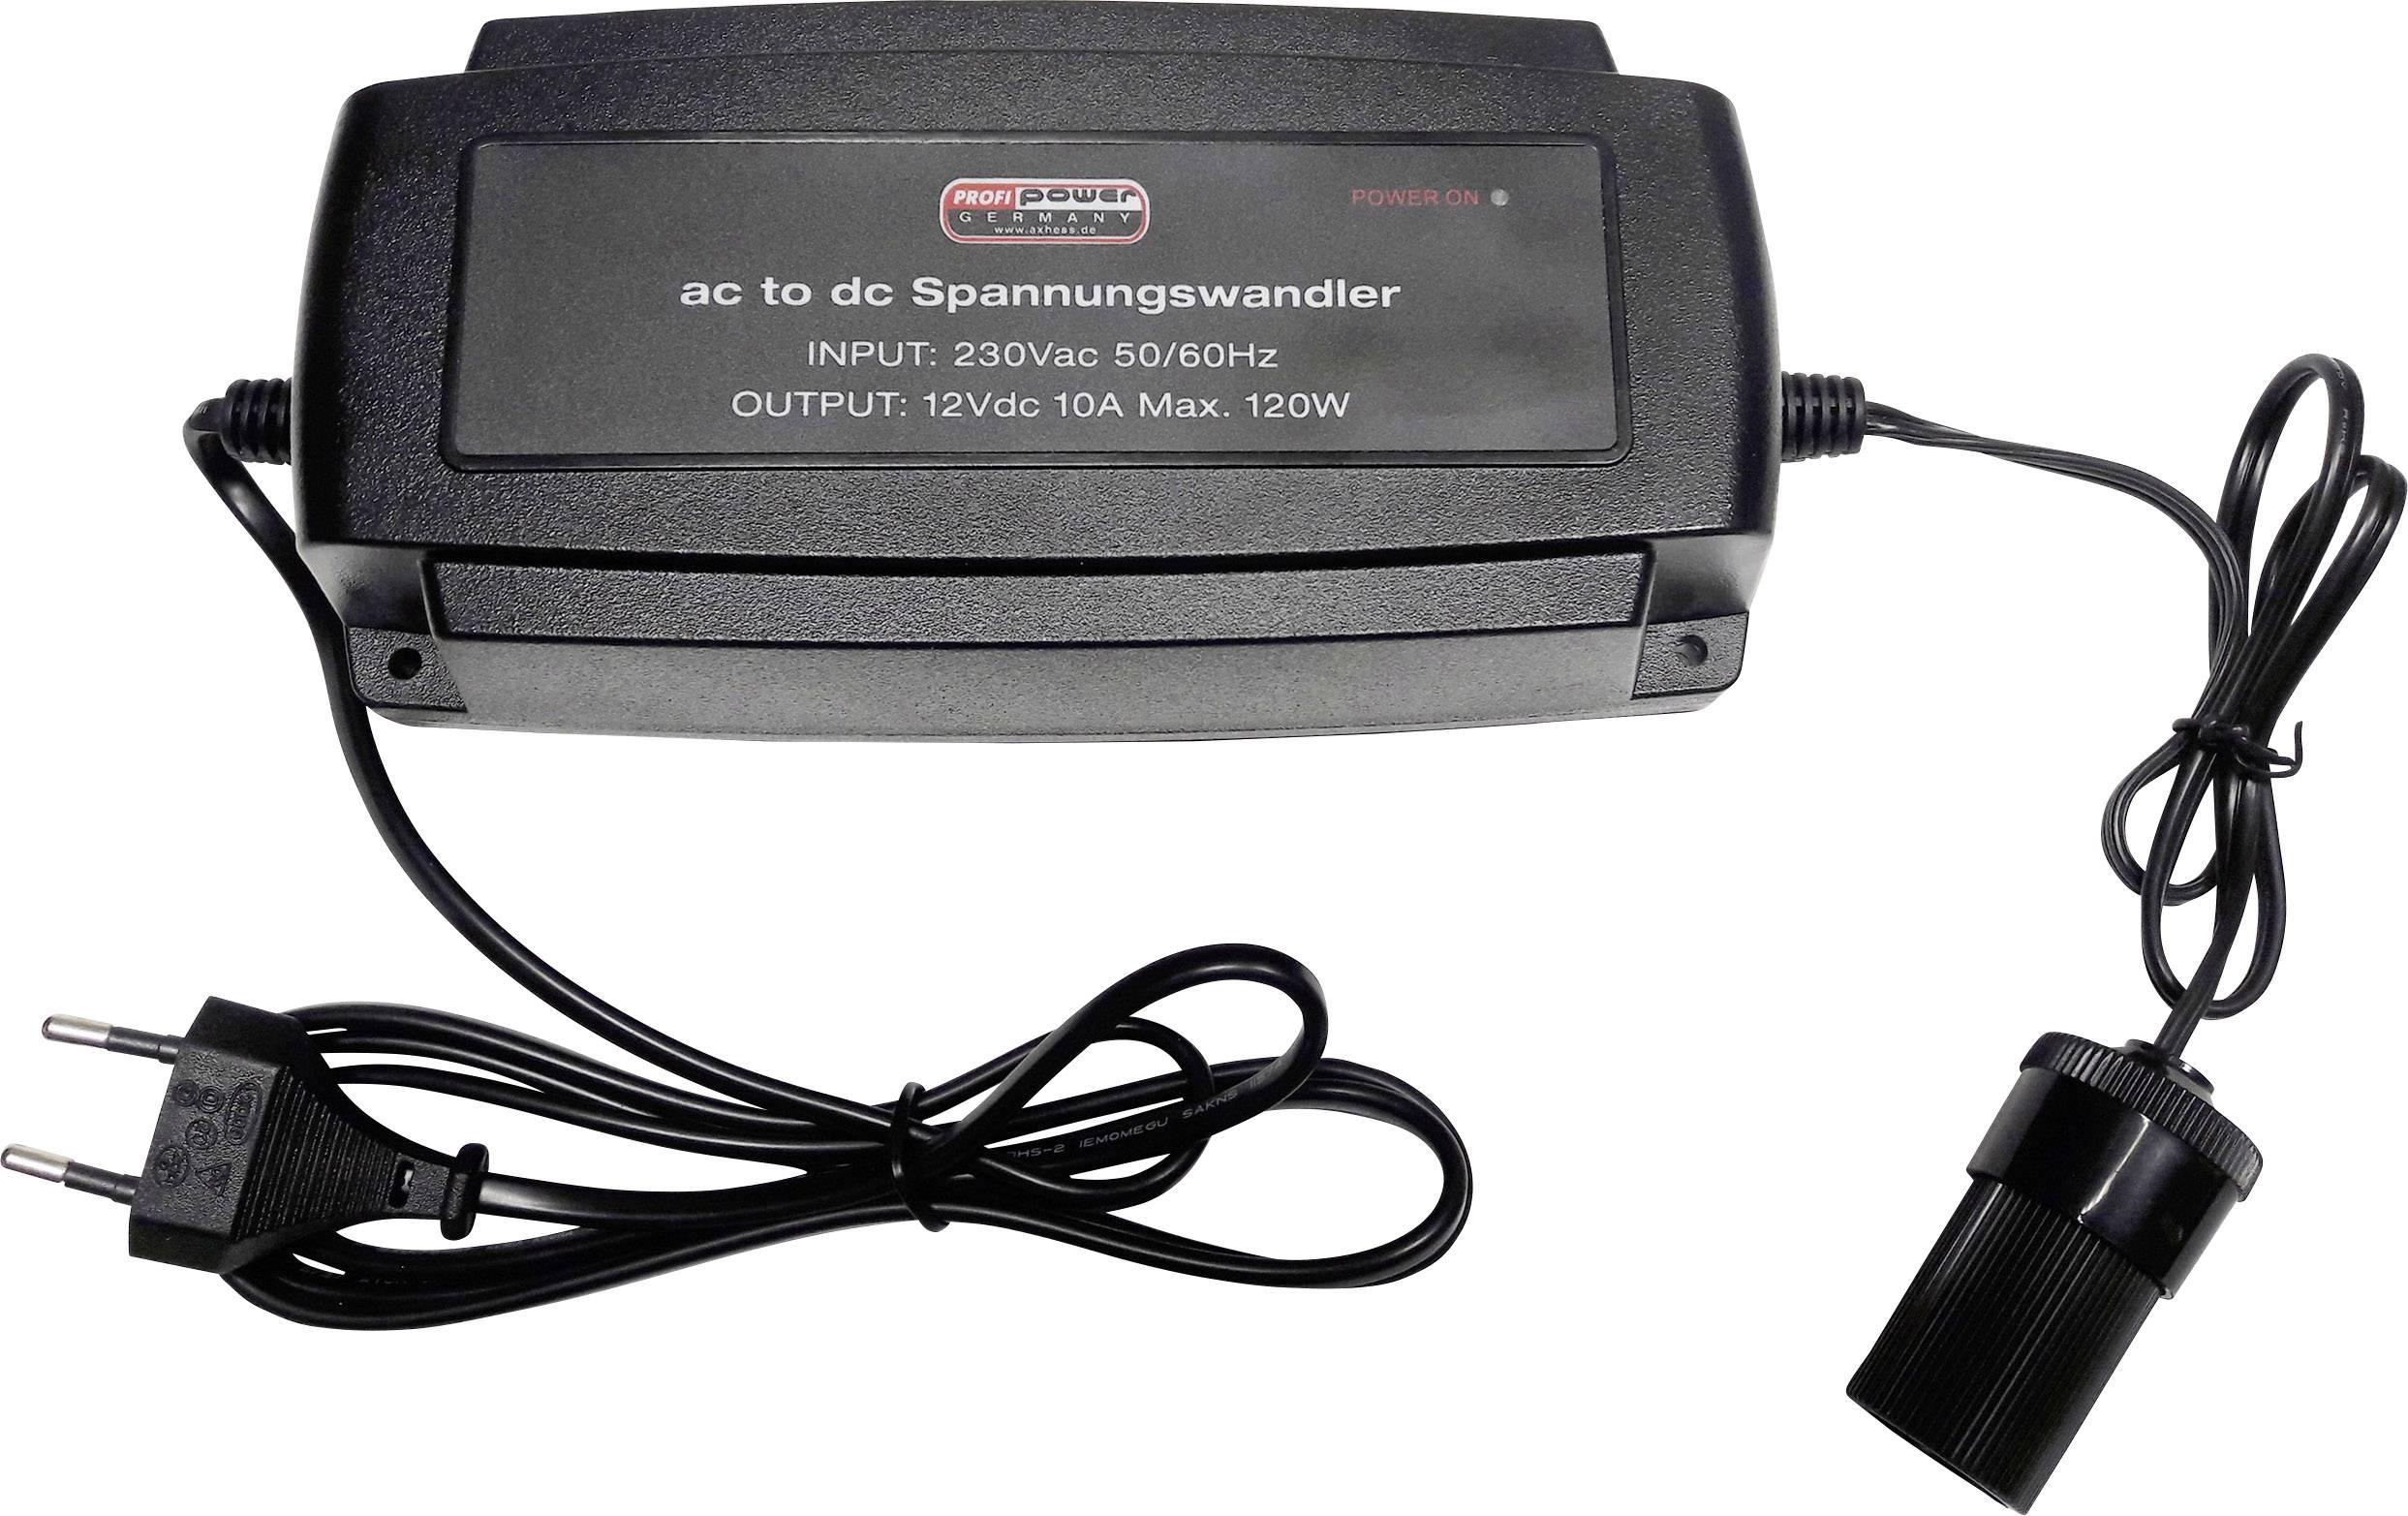 Měnič napětí Profi Power Converter 10A, (d x š x v) 210 x 95 x 55 mm, 1 ks, černá